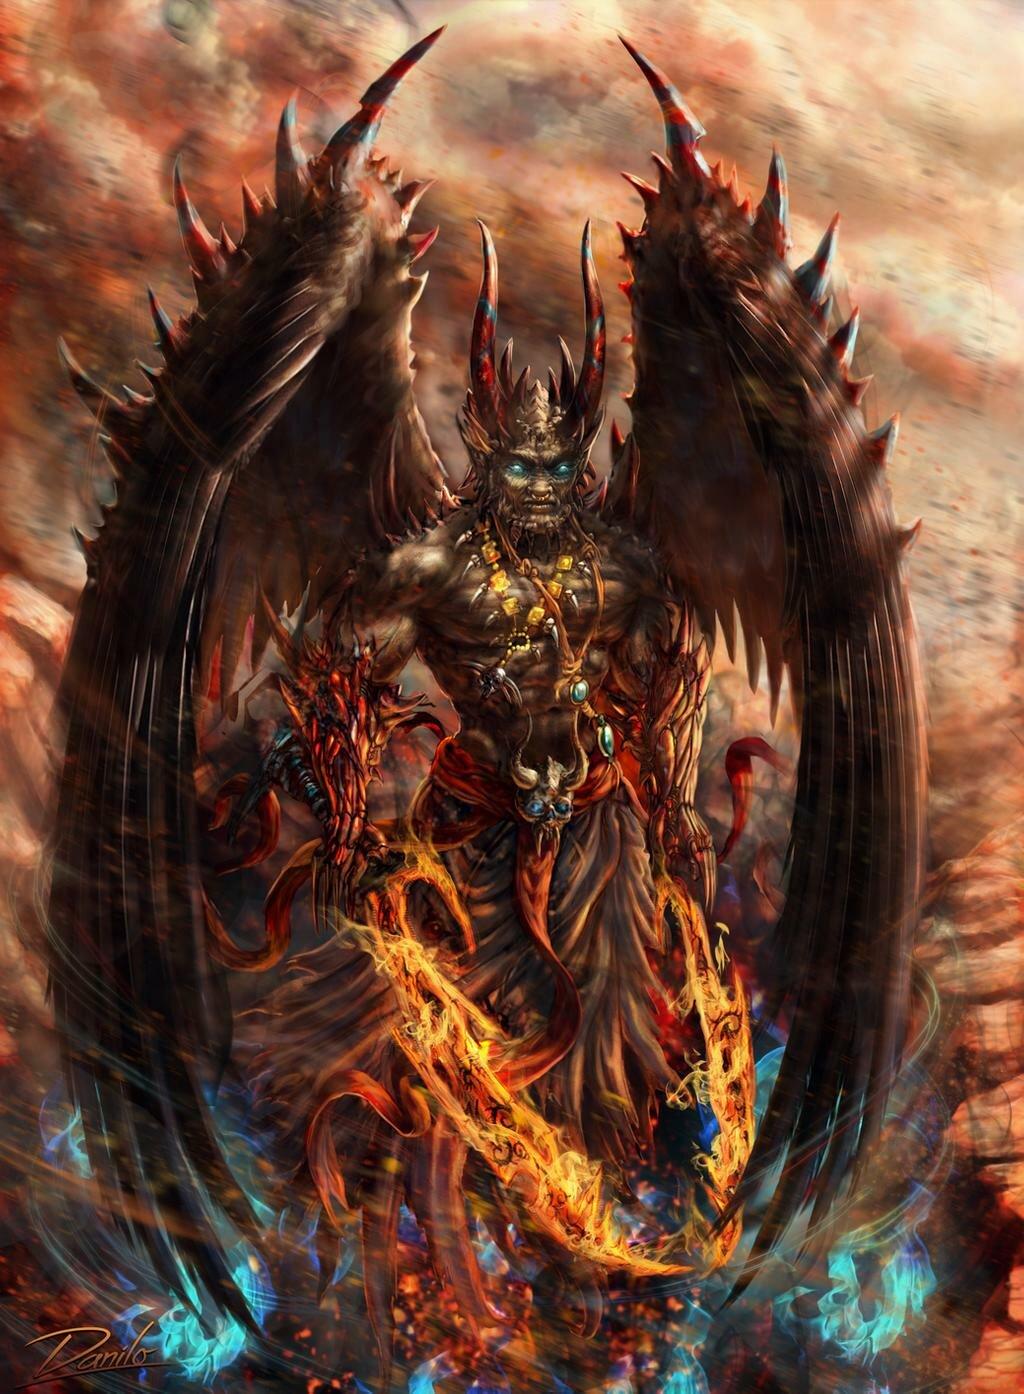 Демоны картинки в хорошем качестве